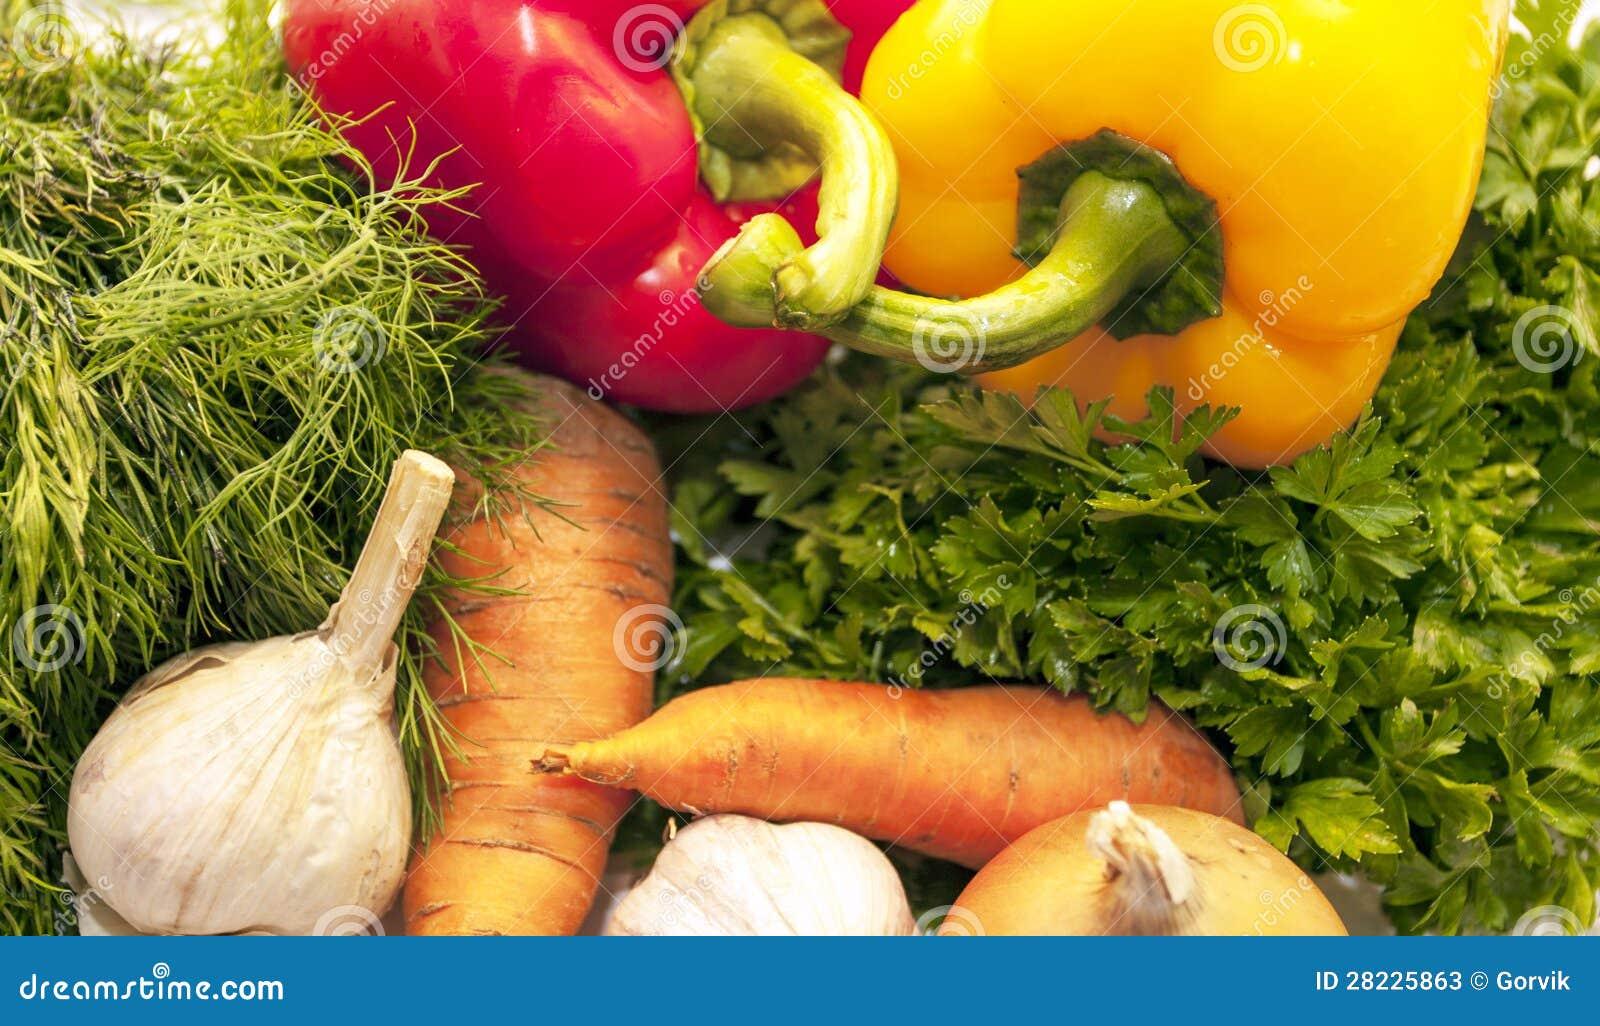 Φρέσκα λαχανικά και πράσινα